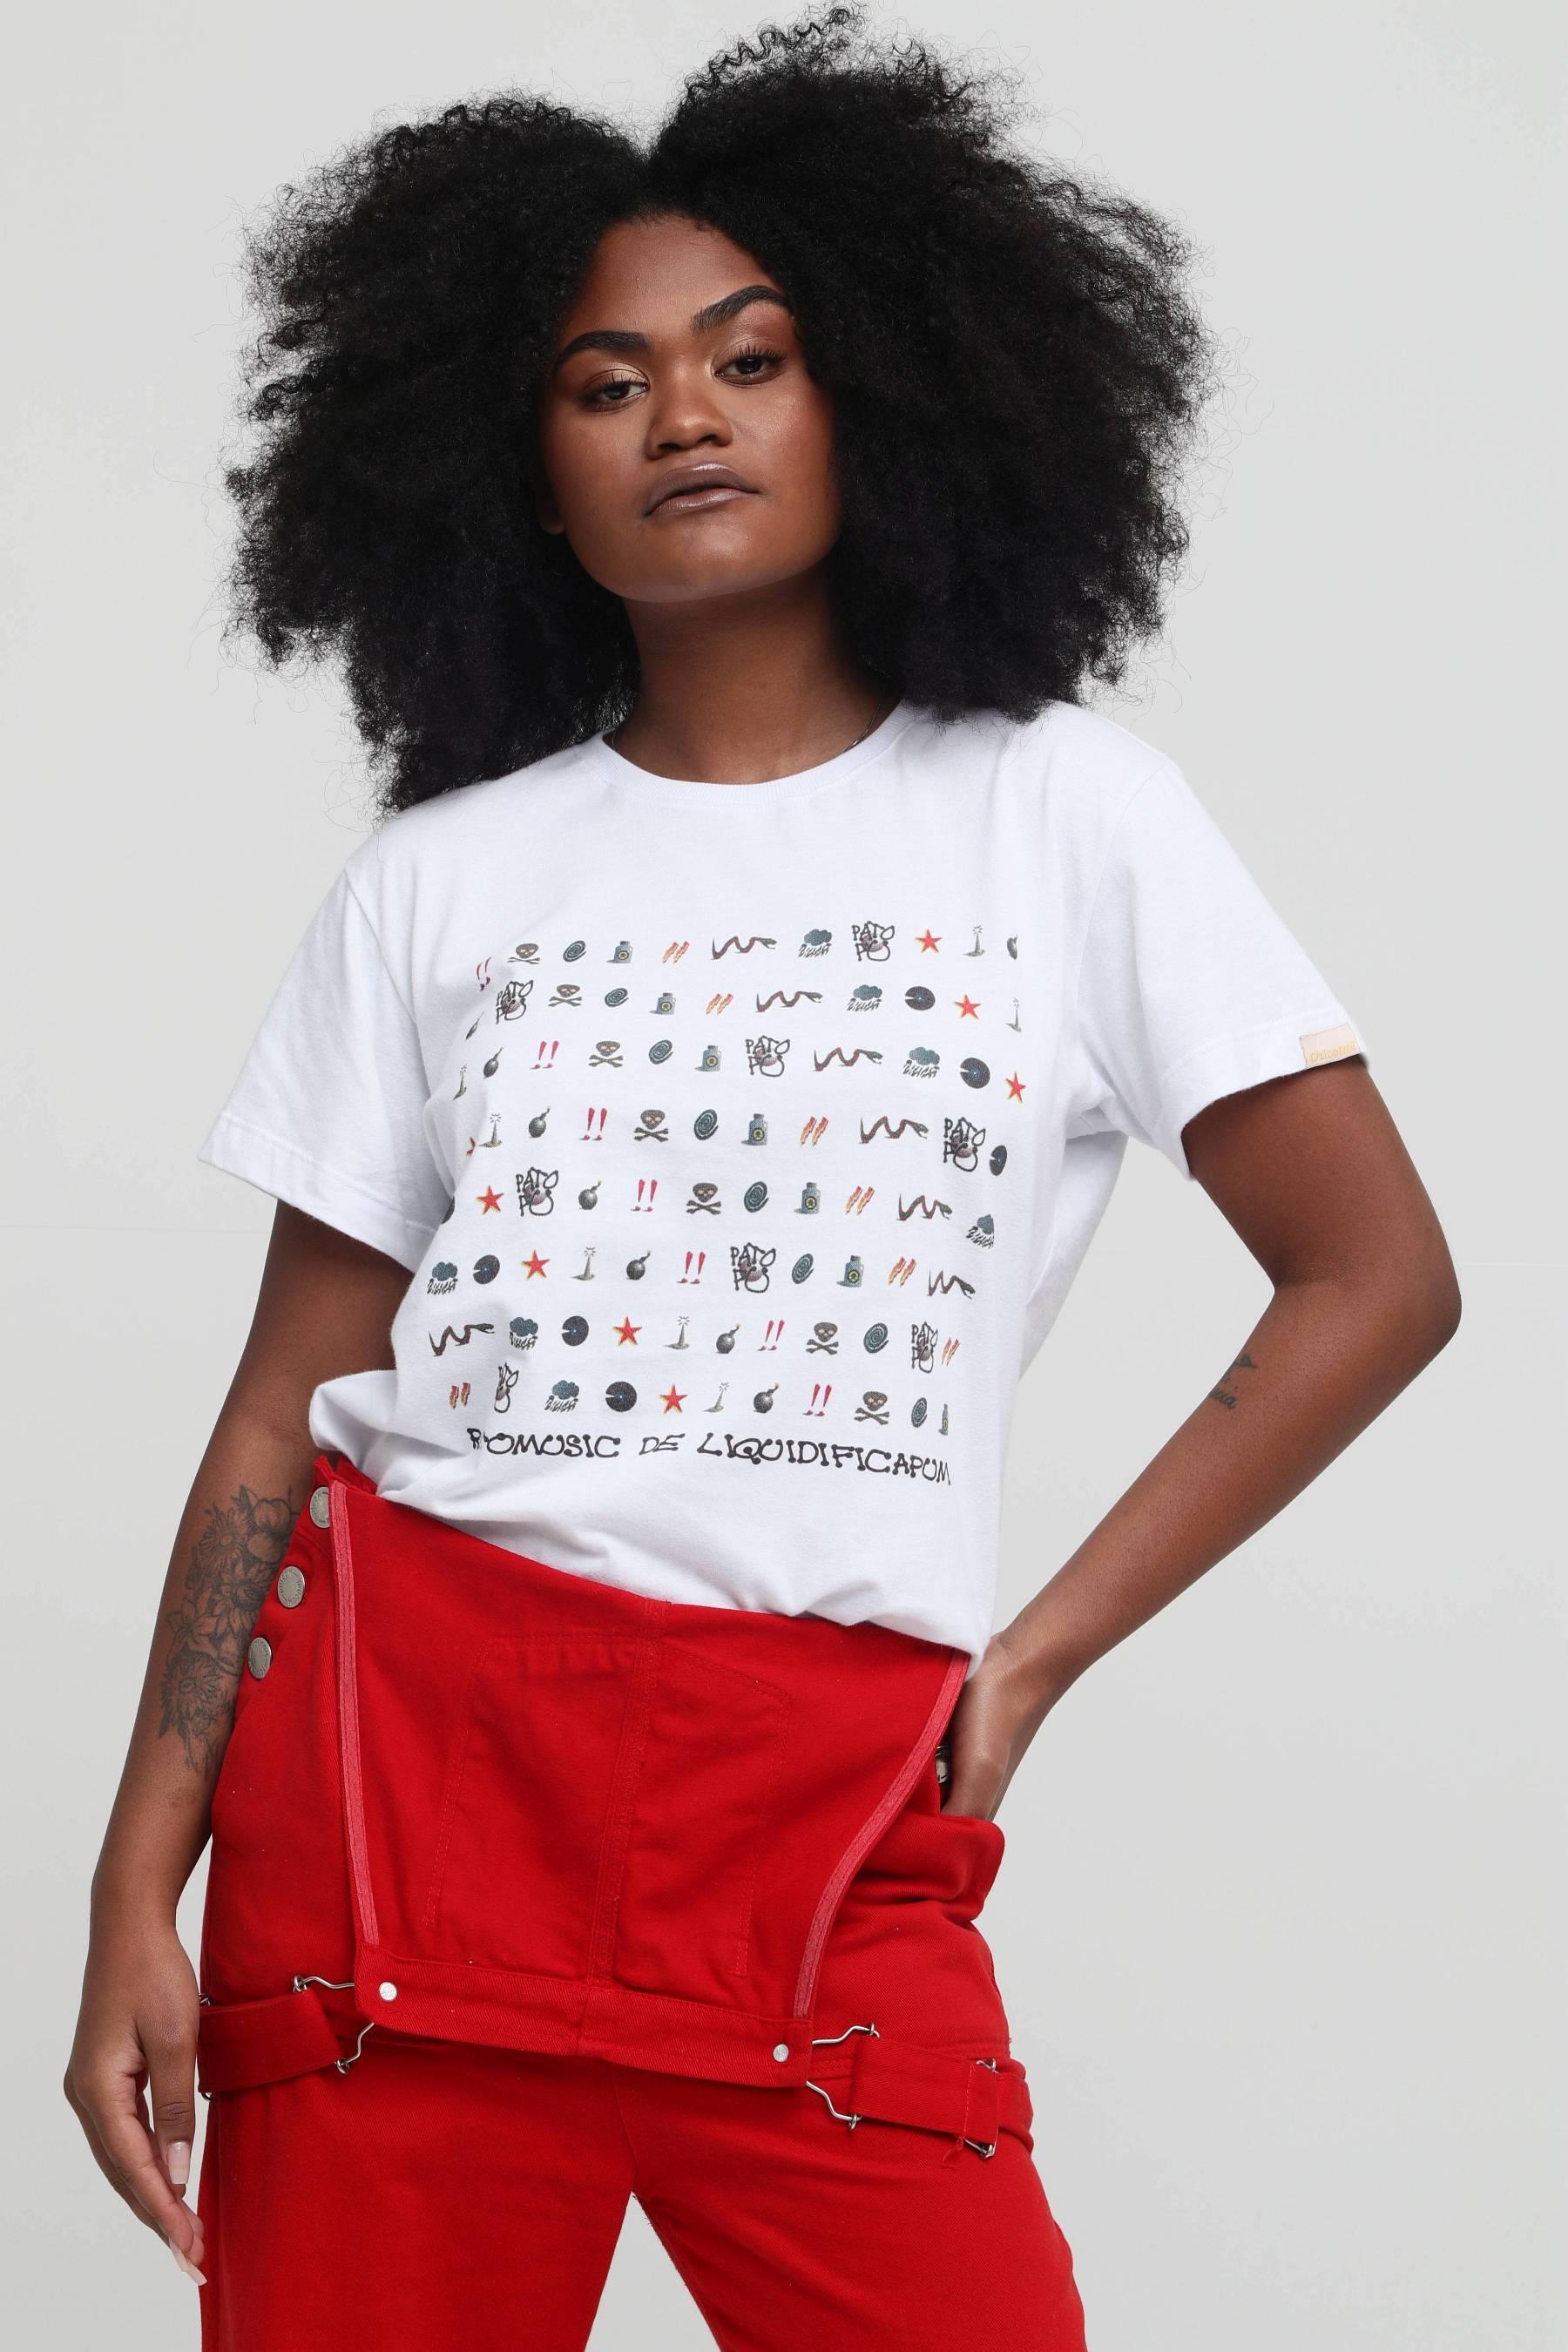 Camiseta Rotomusic de Liquidificapum